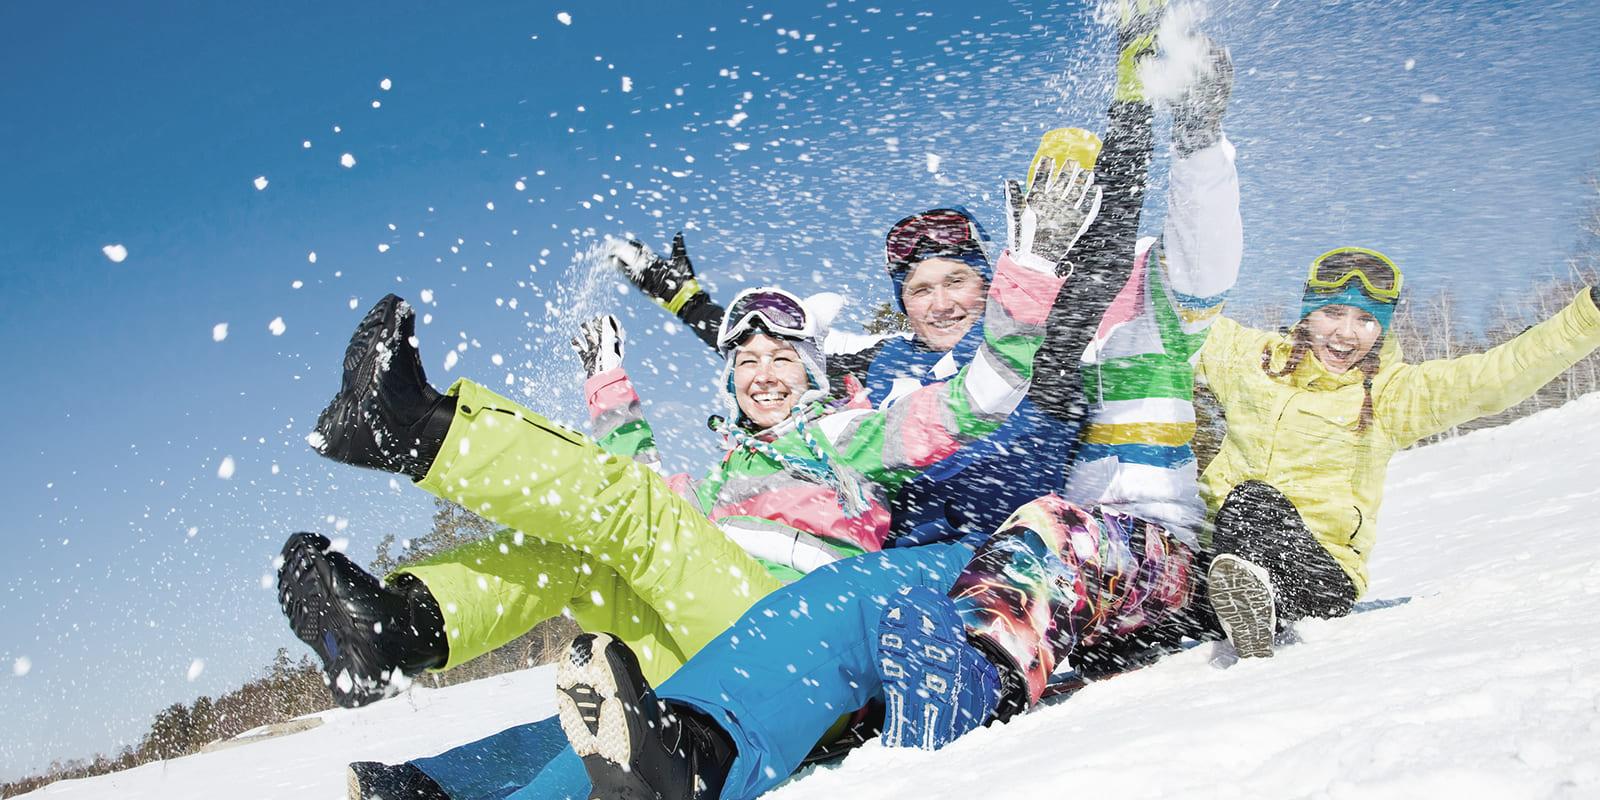 GERHARTS - Schneeballschlacht im Winter